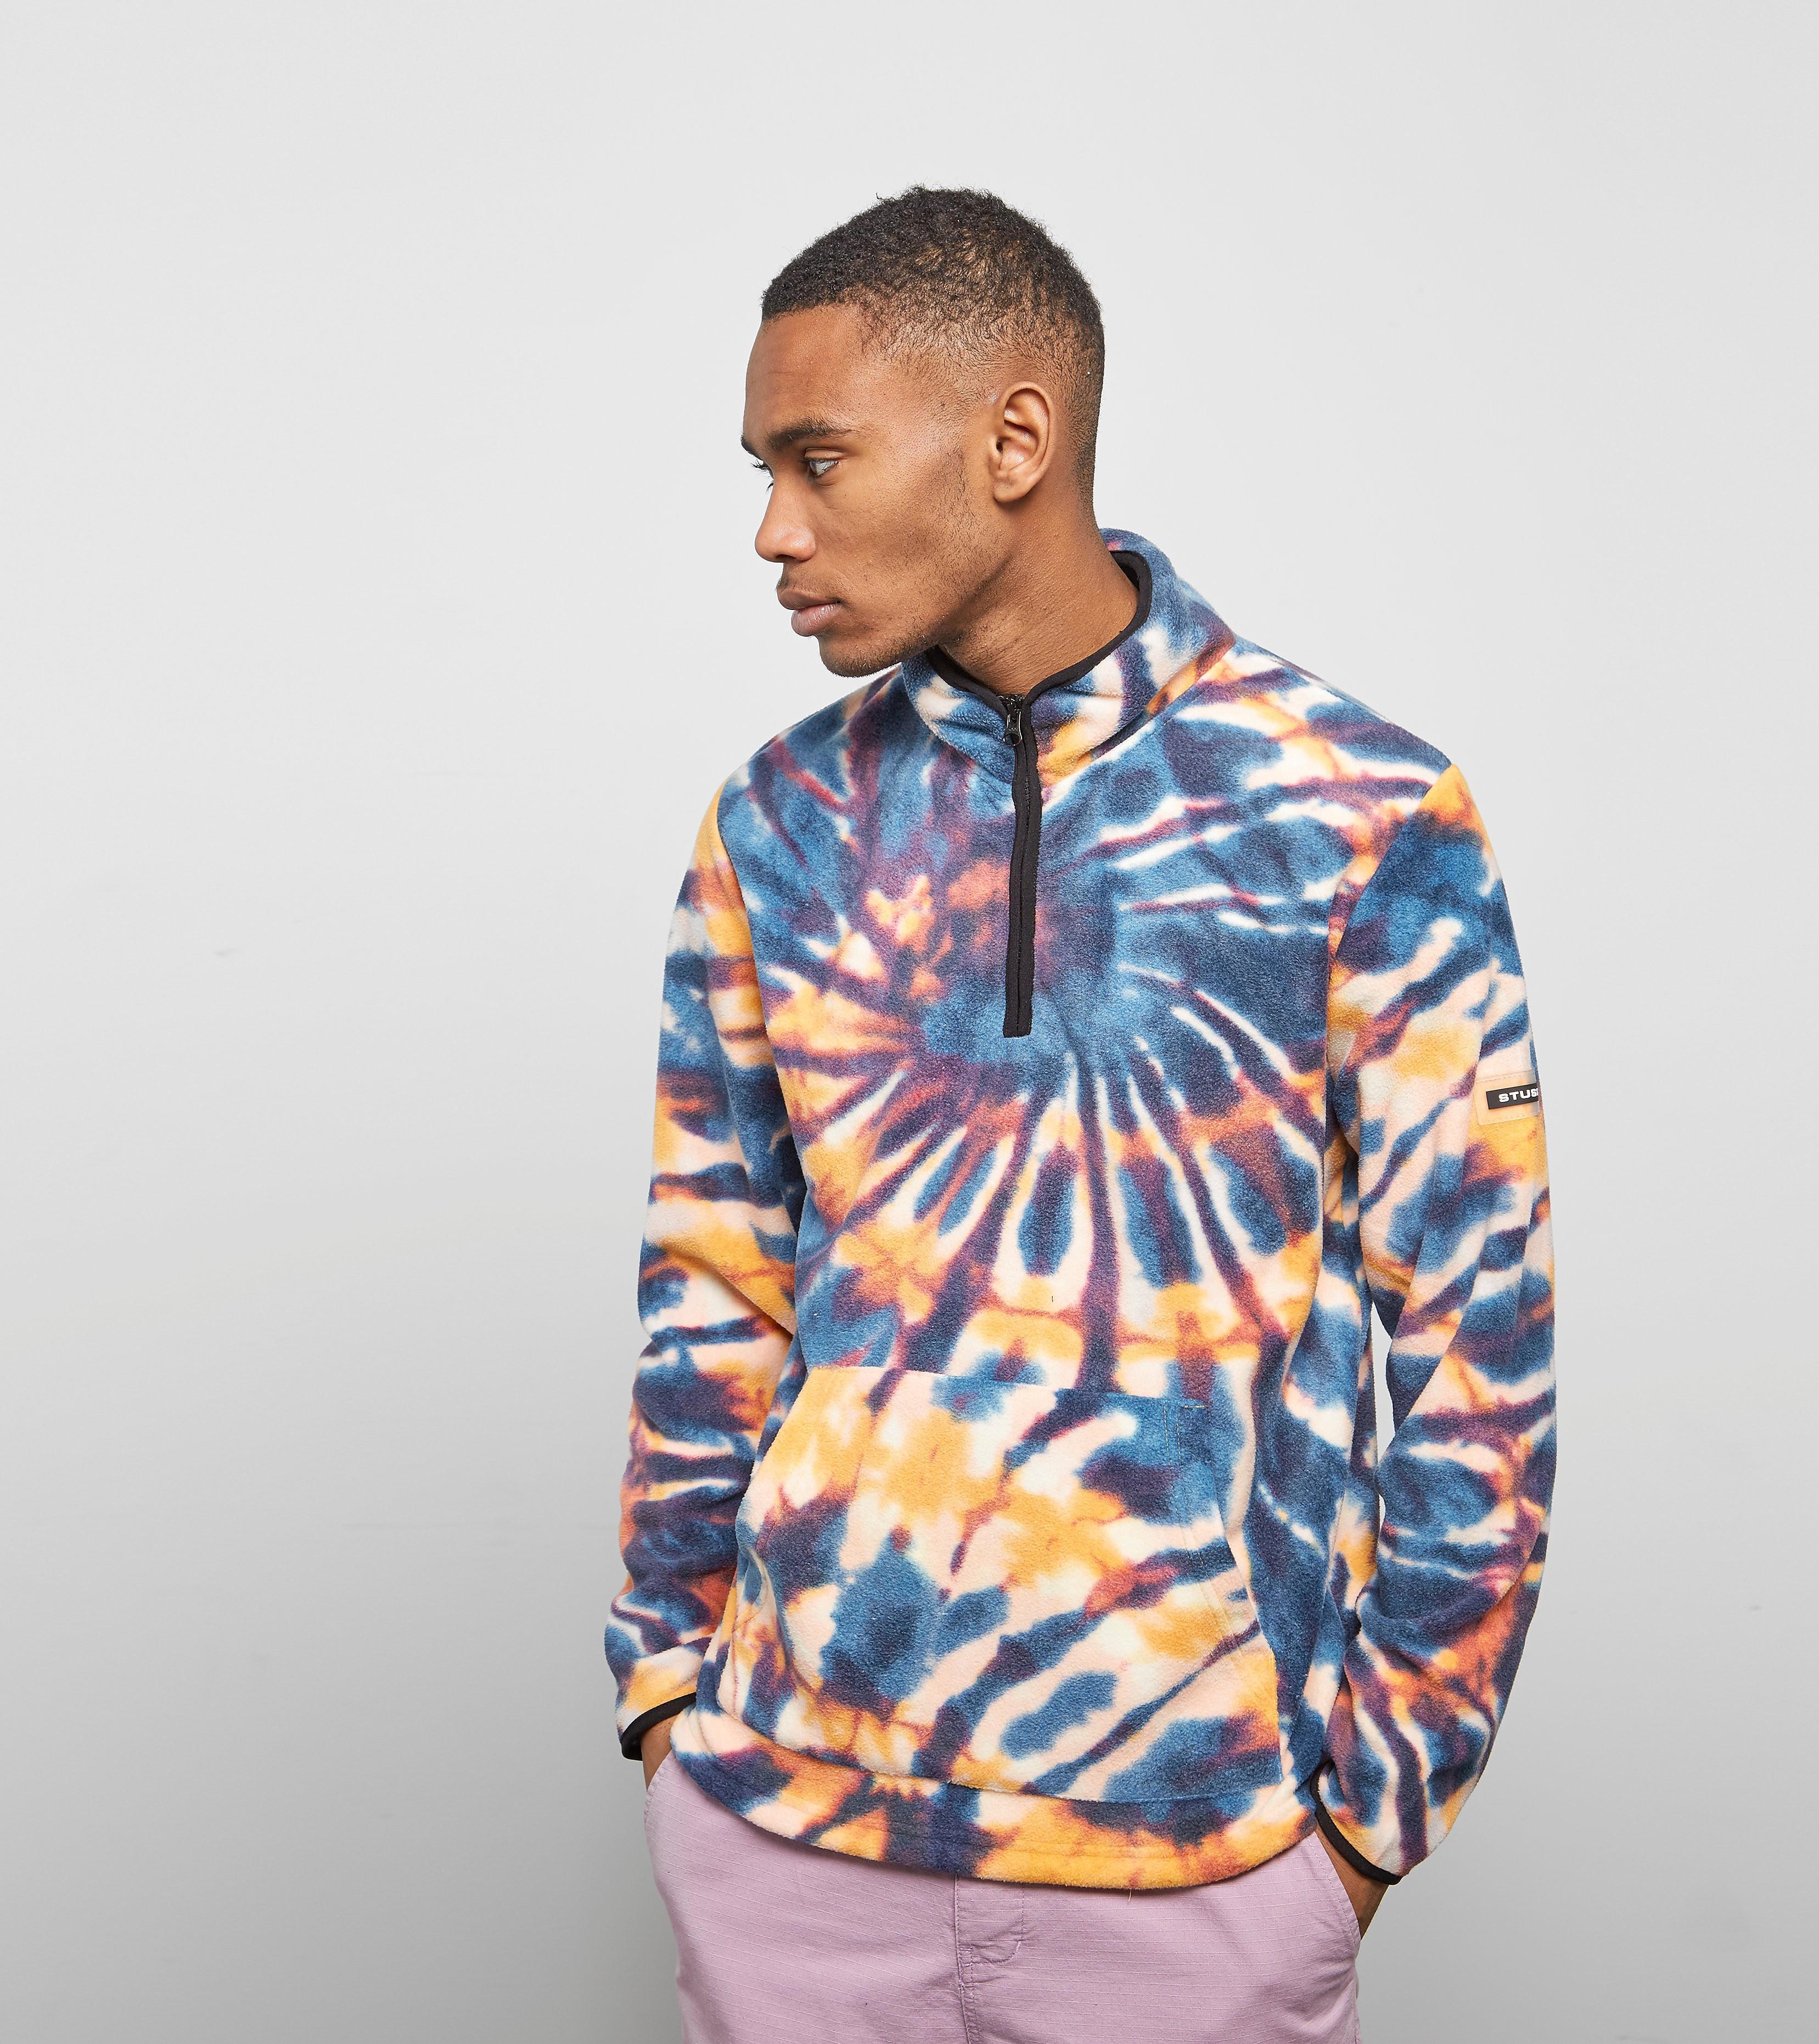 Stussy Tie Dye Fleece Mock Sweatshirt